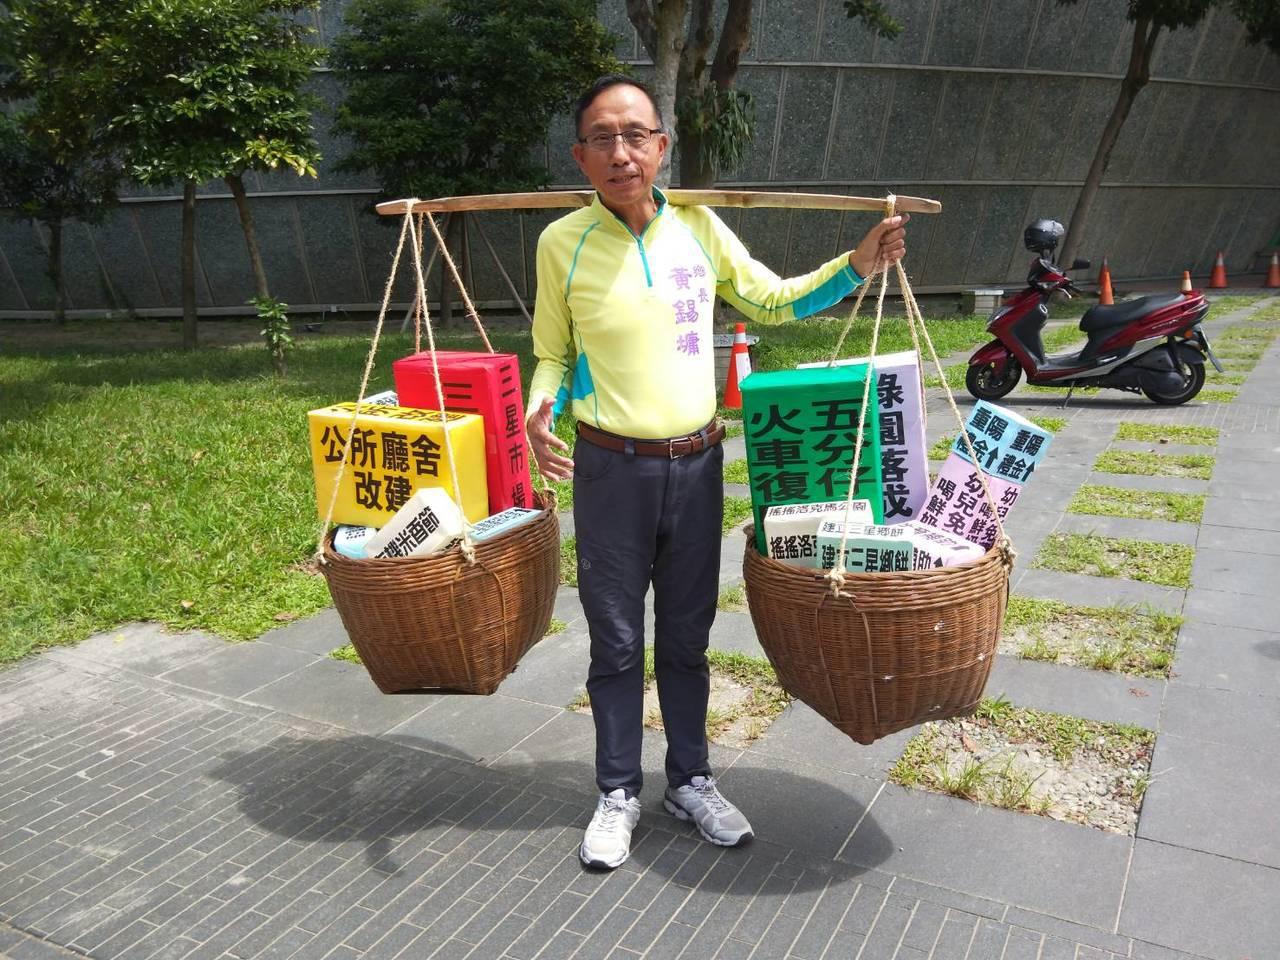 宜蘭縣議員參選人黃錫墉將六年來的政績用扁擔一肩扛起,象徵承擔起三星鄉的未來。記者...